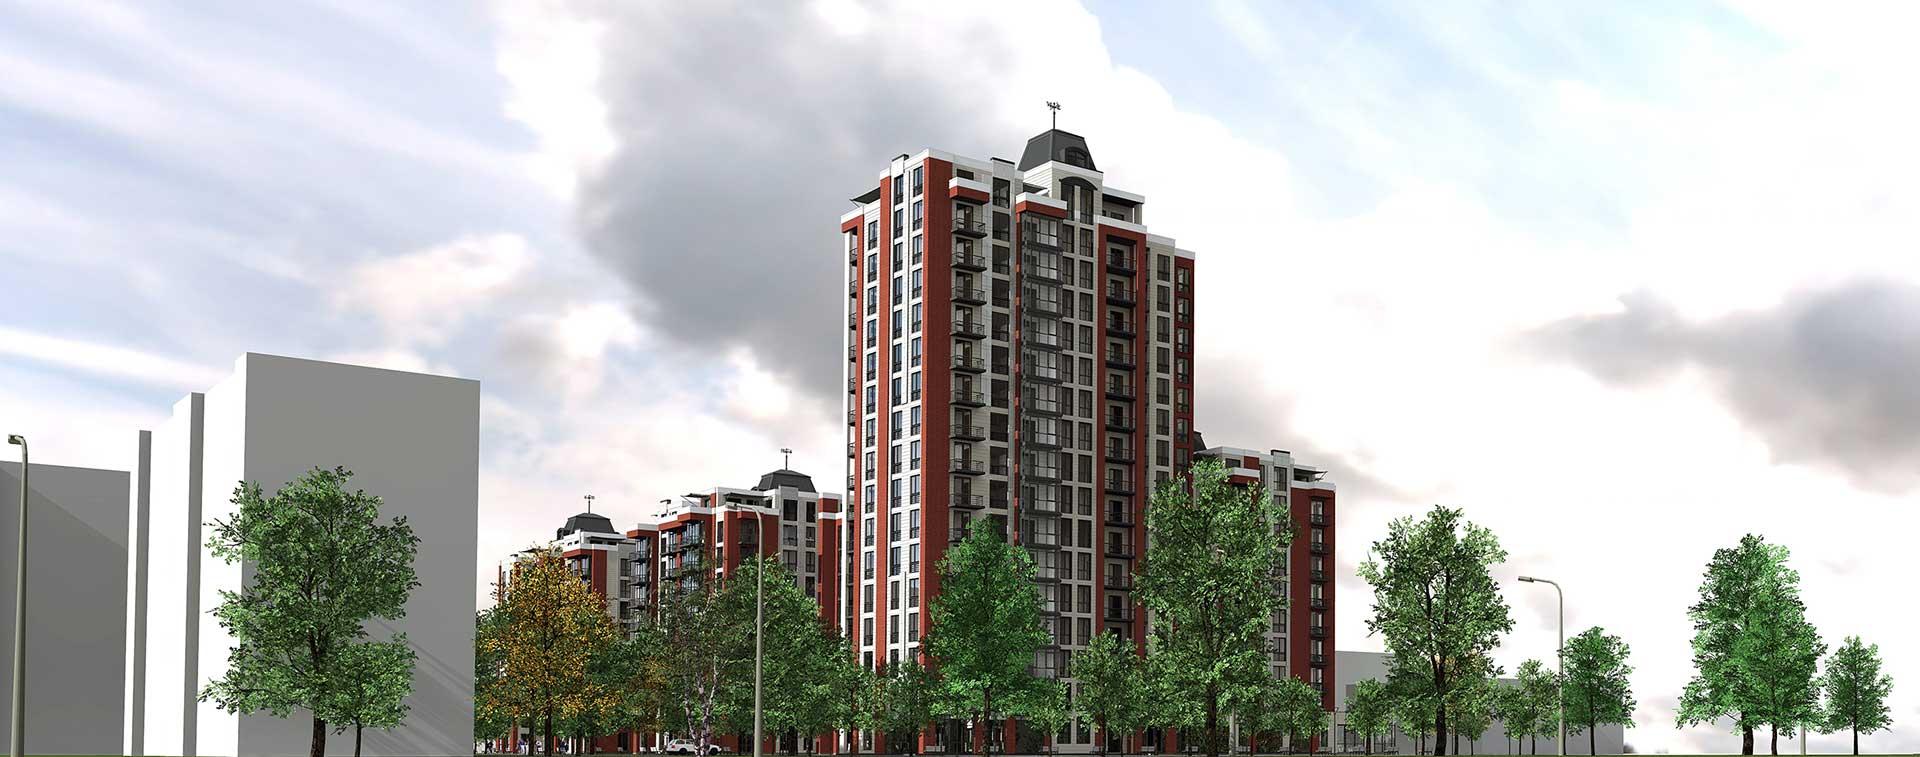 Проектное предложение жилого комплекса по ул. Порика в г. Виннице (фото 3)